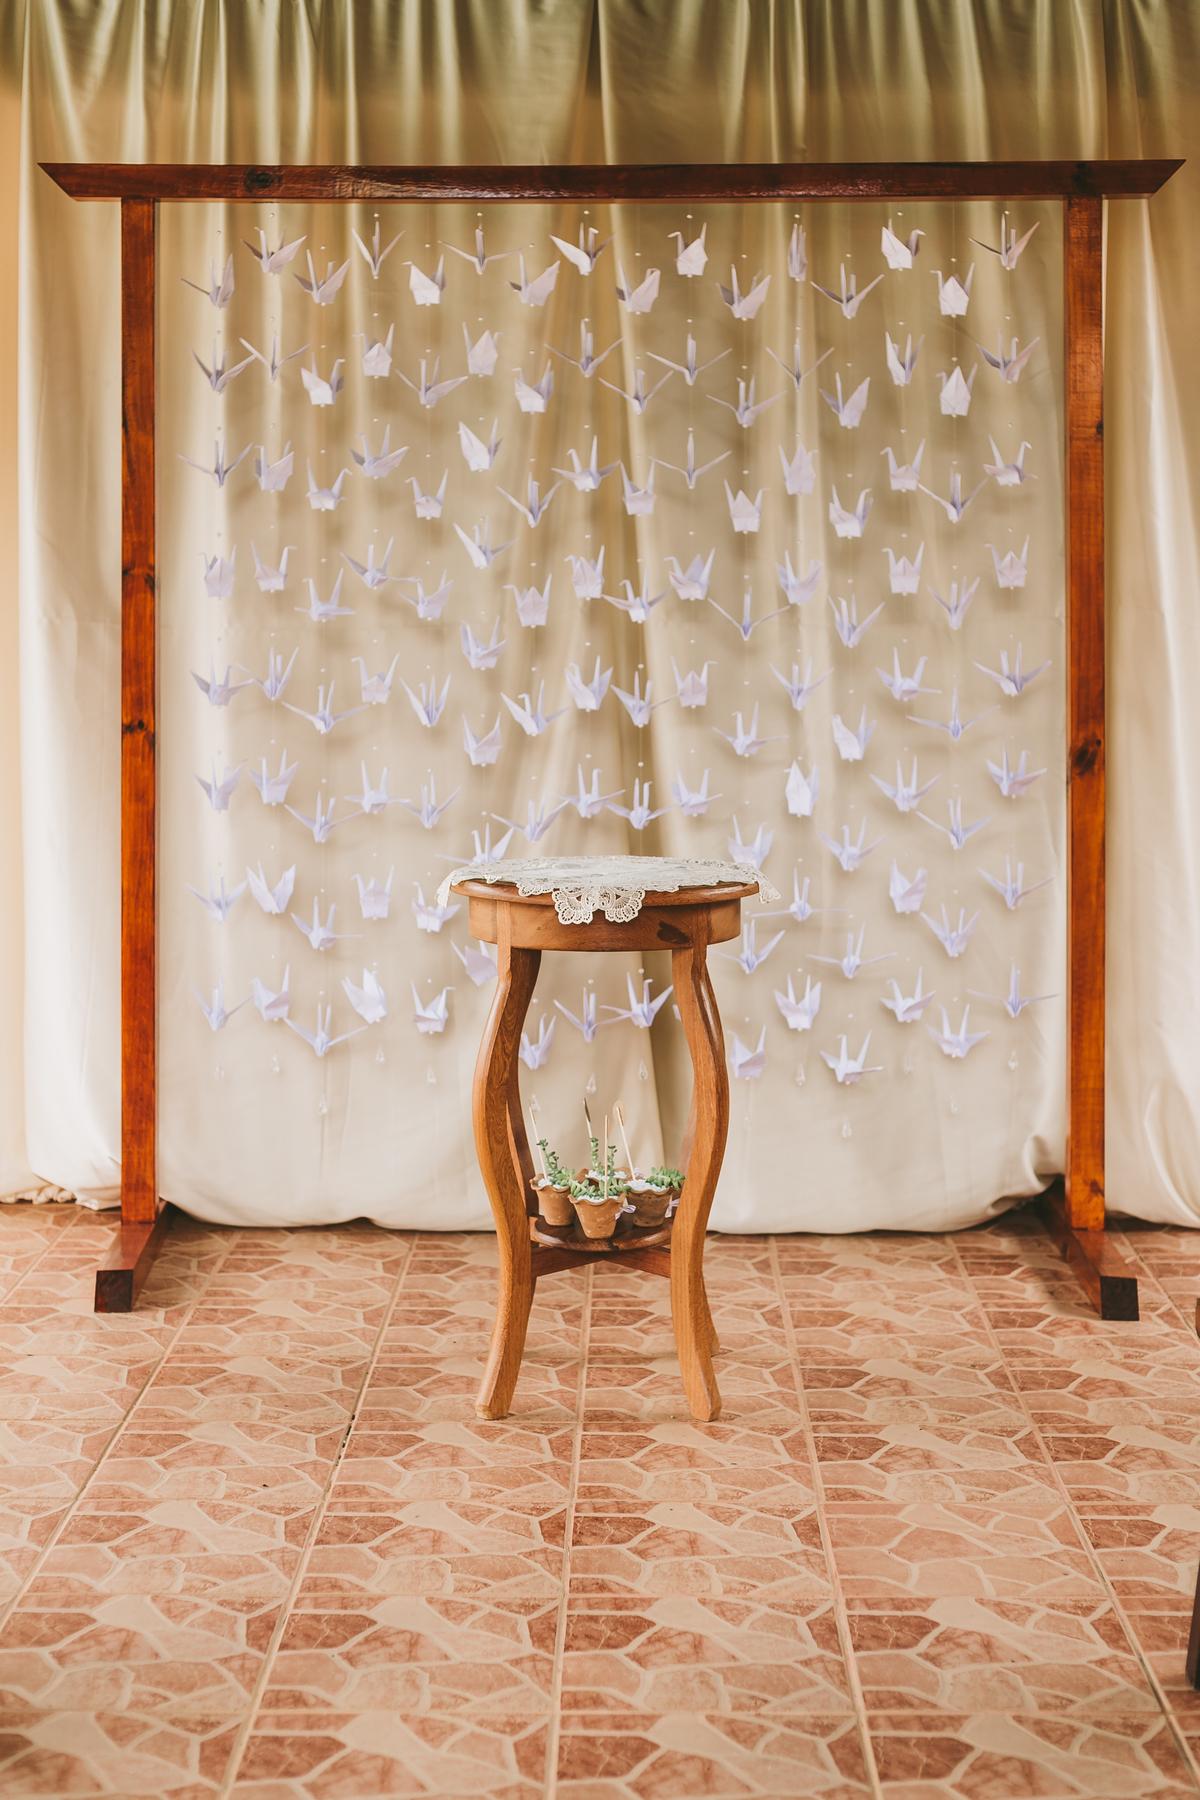 Casamento organico wedding casa intimista kelma diogo familia fotografia eduardo zavarize macaé serra trapiche alegria felicidade casar em casa